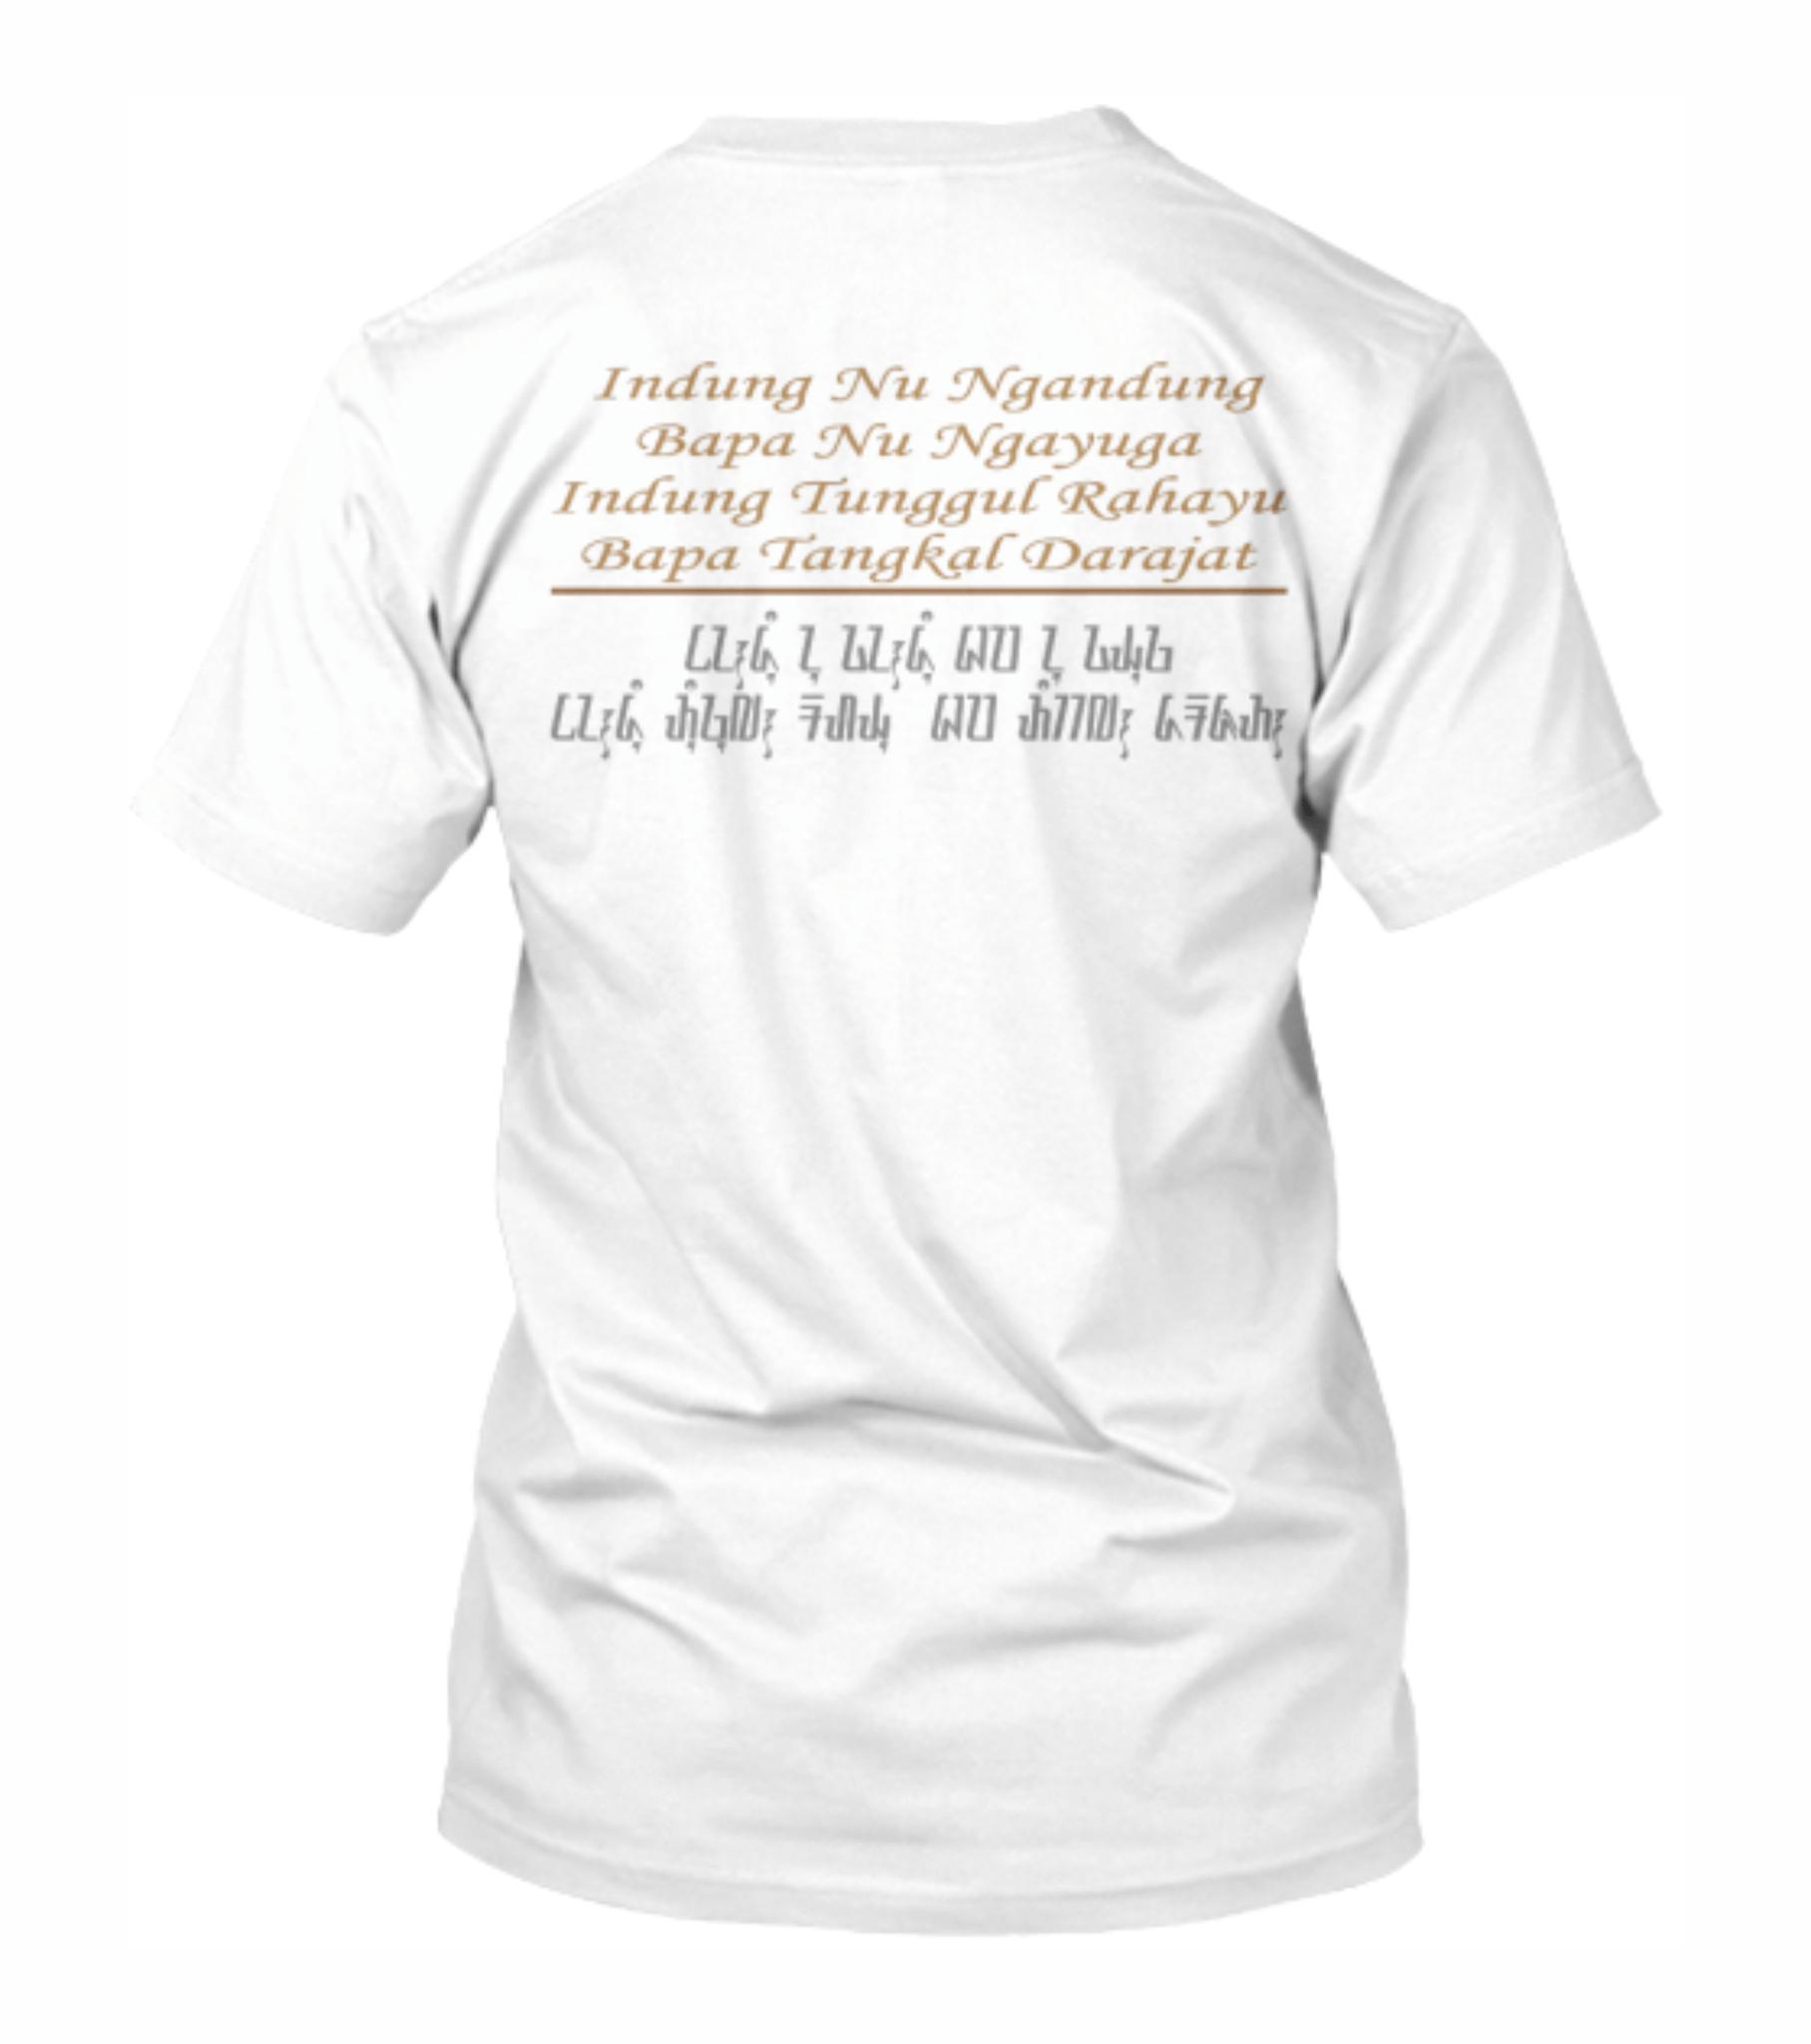 kaos sunda, kaos persib, bobotoh persib, jersey persib, persib online, jadwal persib, info persib,berita persib, bahasa sunda, kamus bahasa sunda, prabu siliwangi, kujang siliwangi, lagu sunda, Pangsi, kujang Kembar, Kerajaan Pajajaran, Sunda Kuno, Makam Prabu Siliwangi, Silsilah Prabu siliwangi, Totopong Sunda, iket sunda, baju sunda